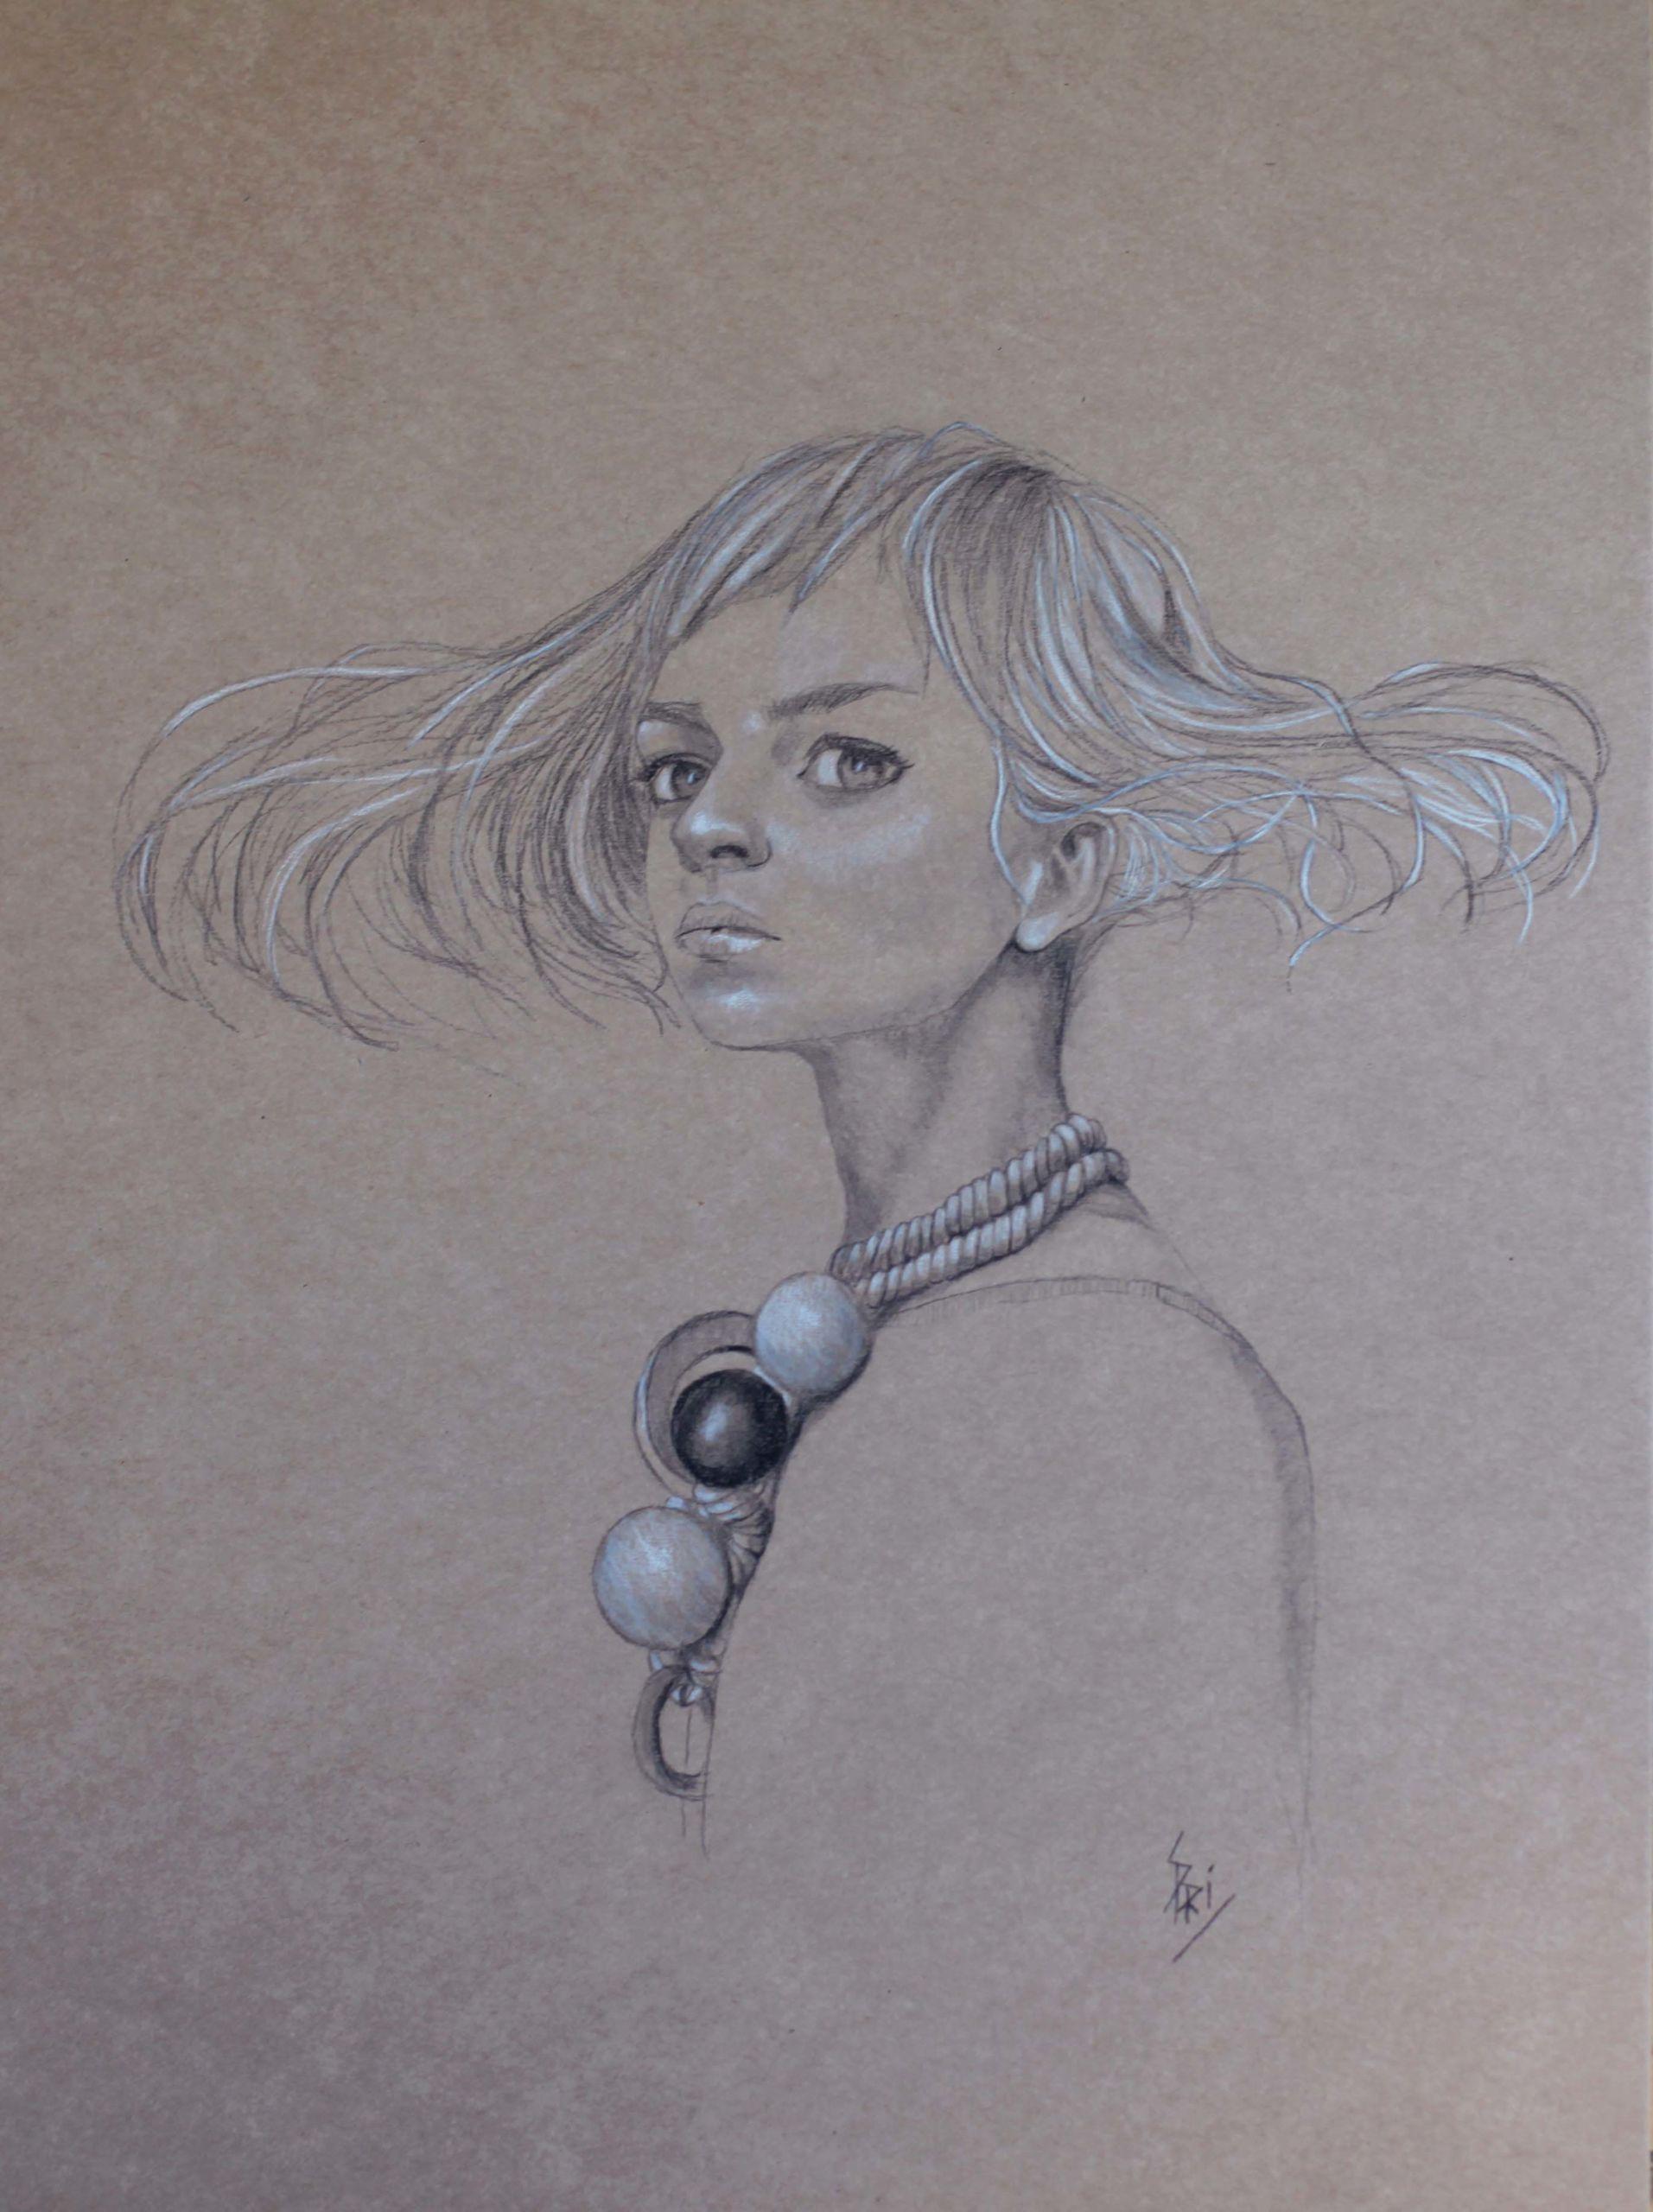 Dessin au crayon sur carton craft par Priscilla Seiller, alias S.Pri